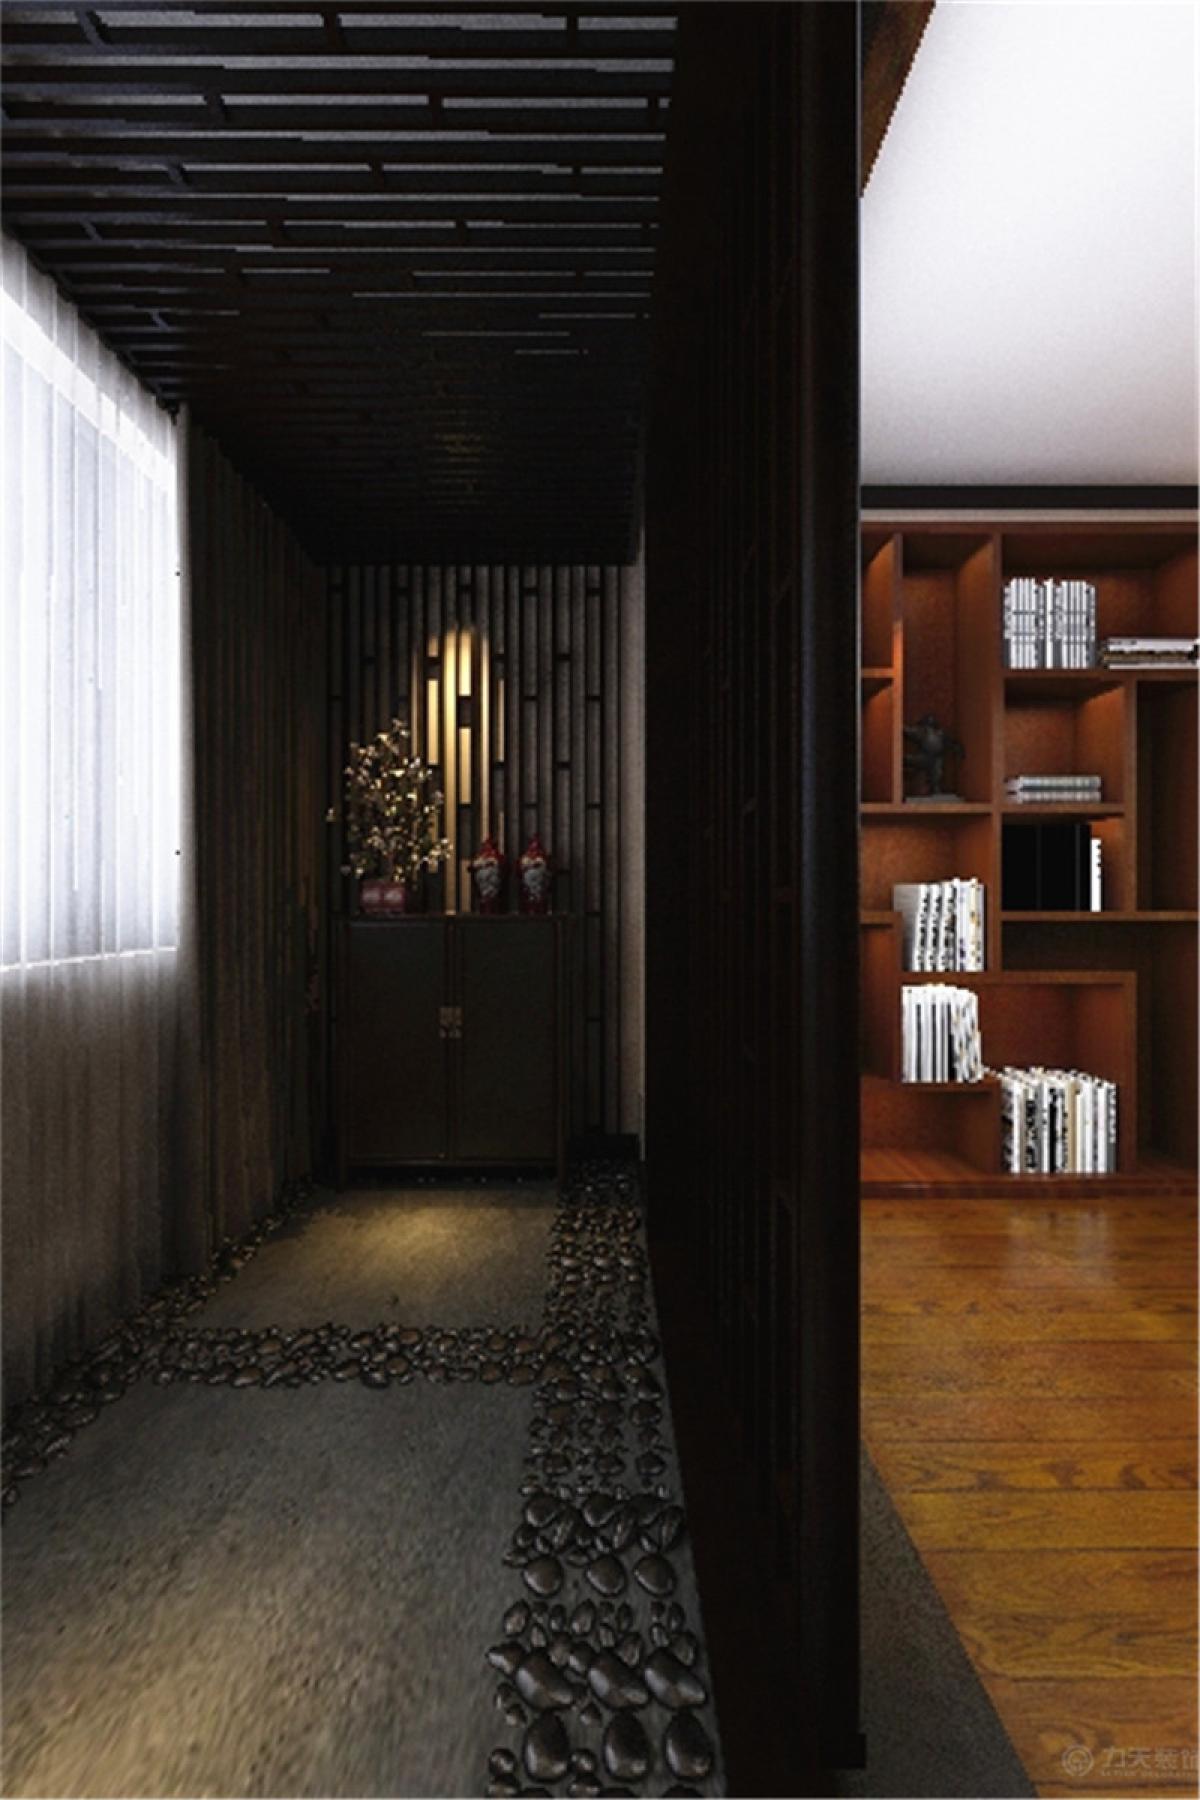 客厅电视墙大理石,沙发背景墙中式的画布